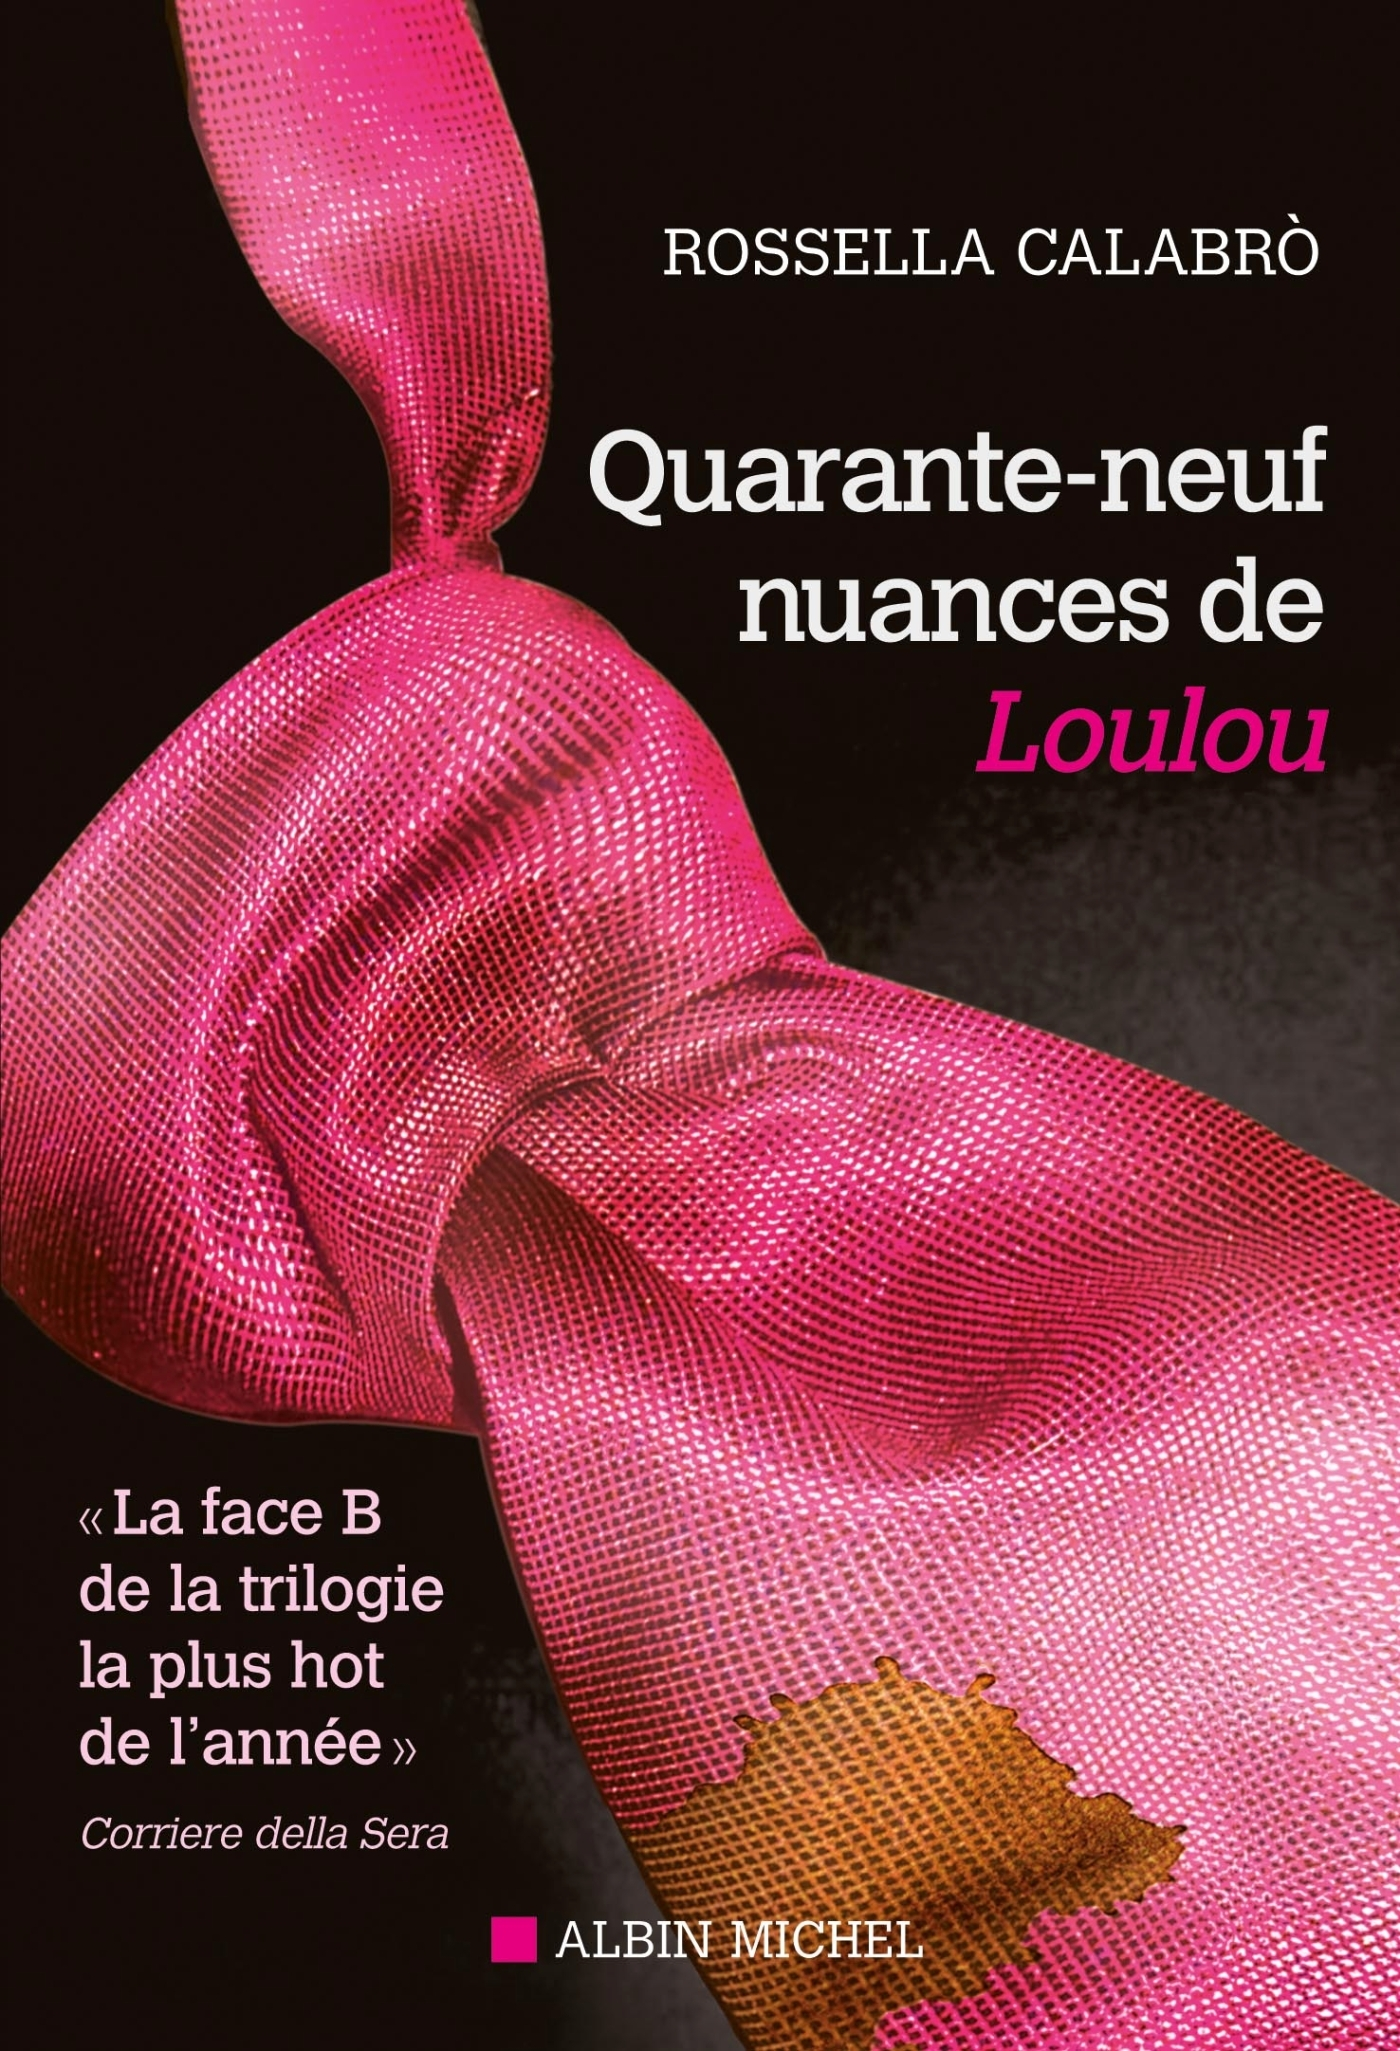 QUARANTE-NEUF NUANCES DE LOULOU -  LA FACE B DE LA TRILOGIE LA PLUS HOT DE L'ANNEE